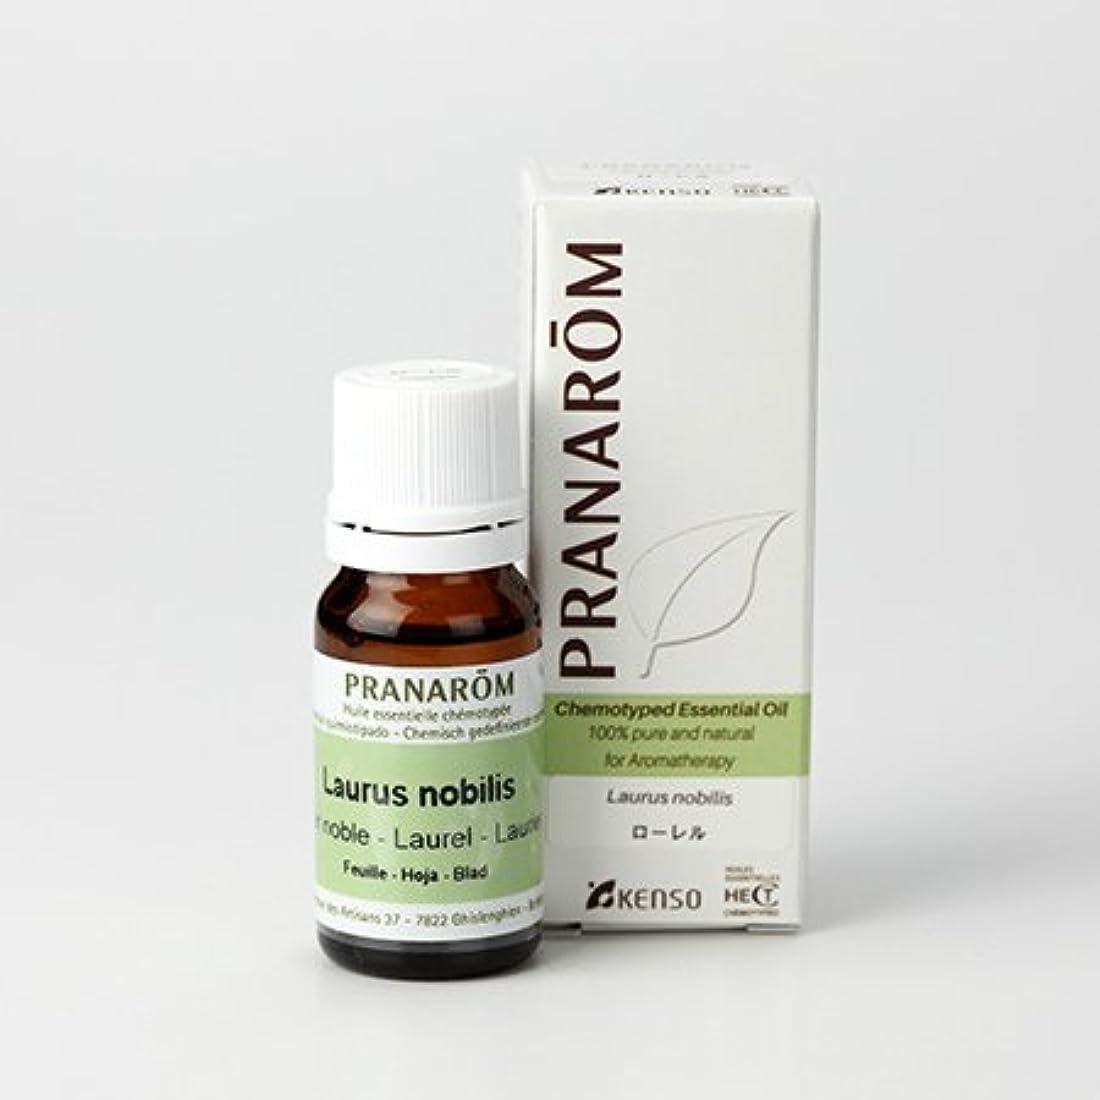 バイオレットブルジョンペニープラナロム ローレル 10ml (PRANAROM ケモタイプ精油)